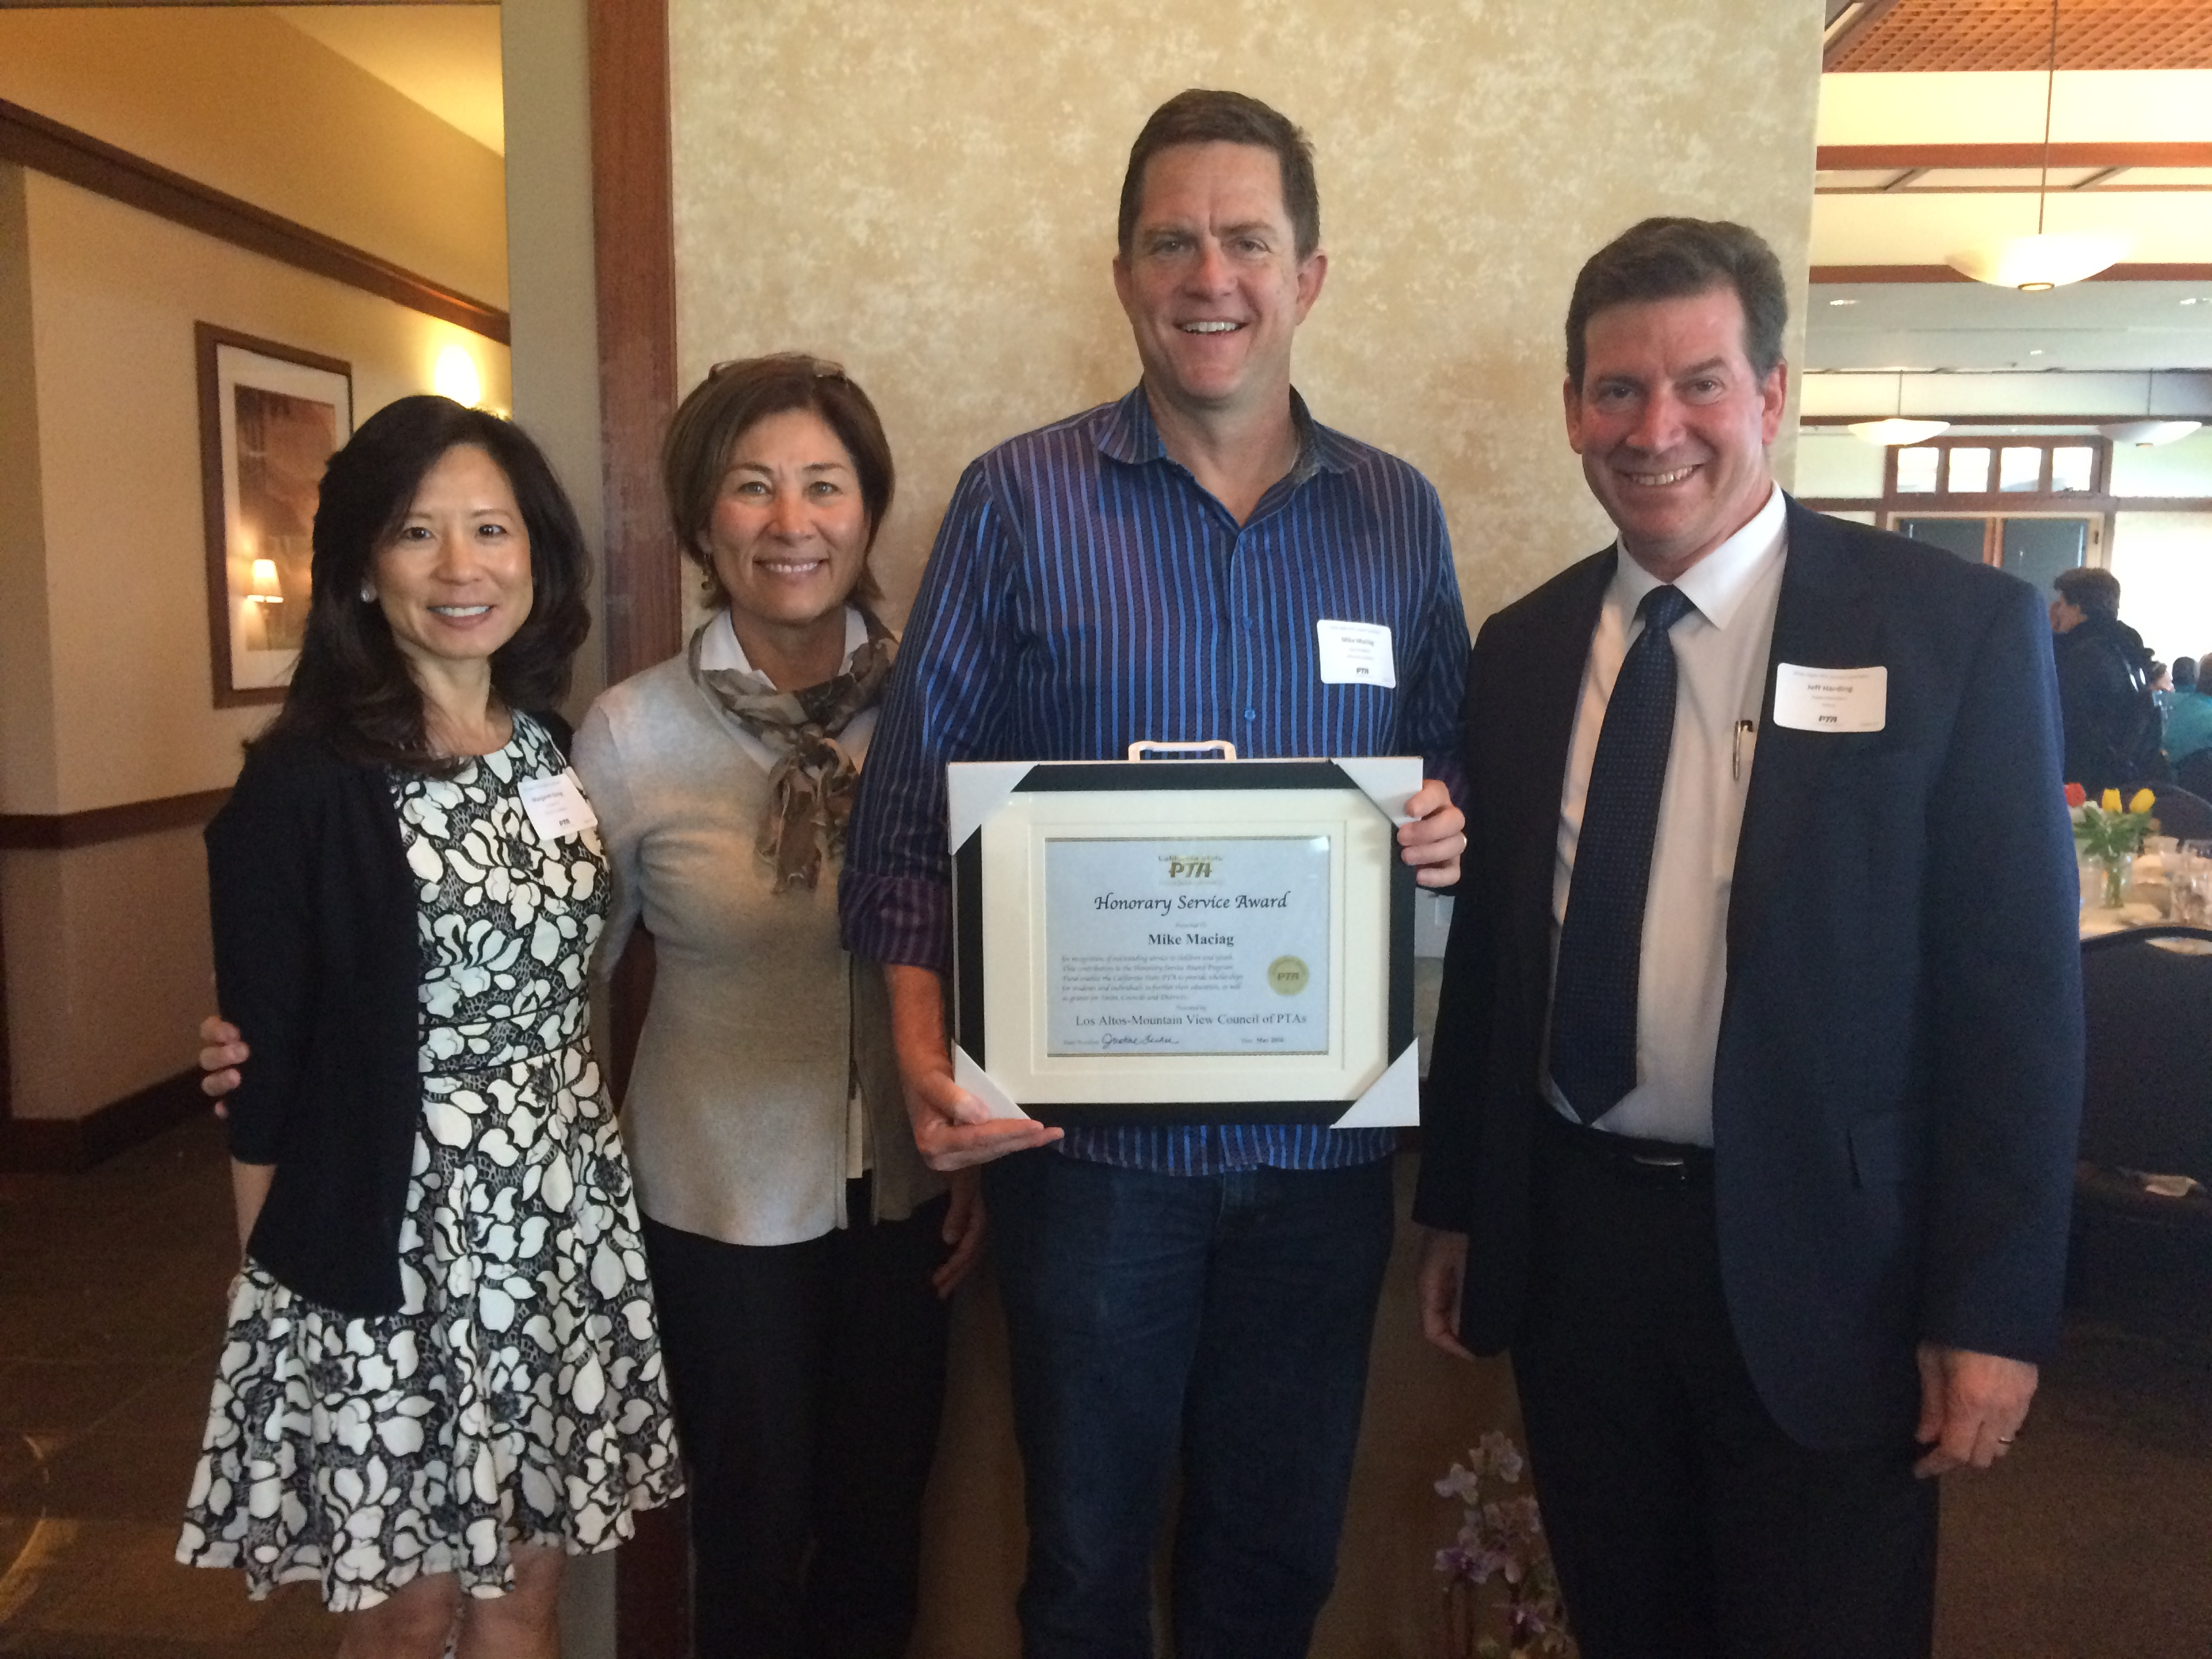 MikeMaciagService Award